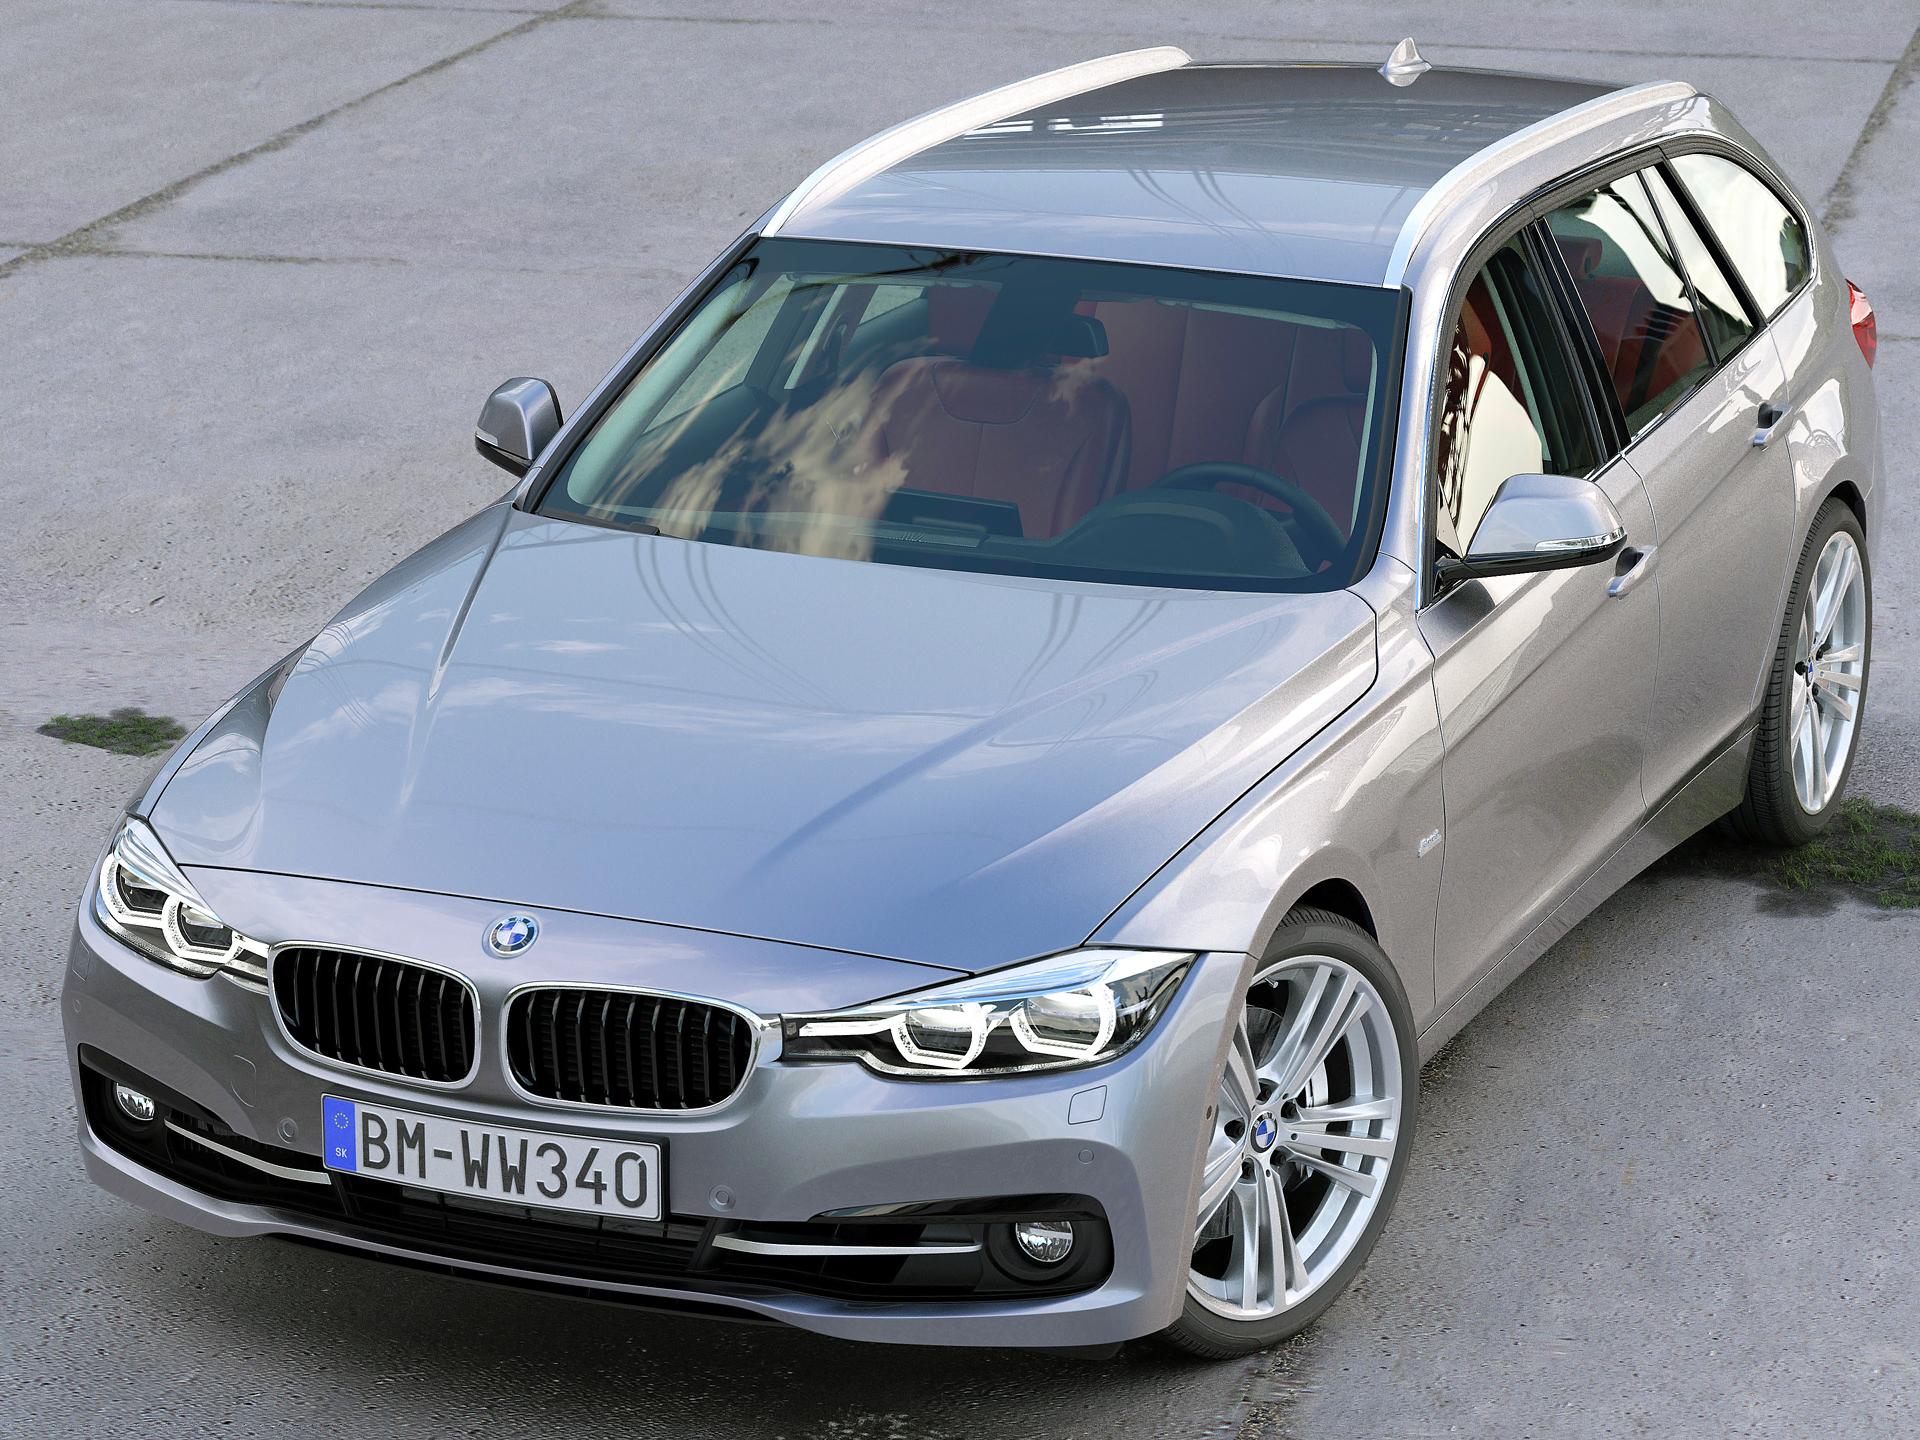 BMW 3 Series Touring 2016 3d model 3ds max fbx c4d obj 218383